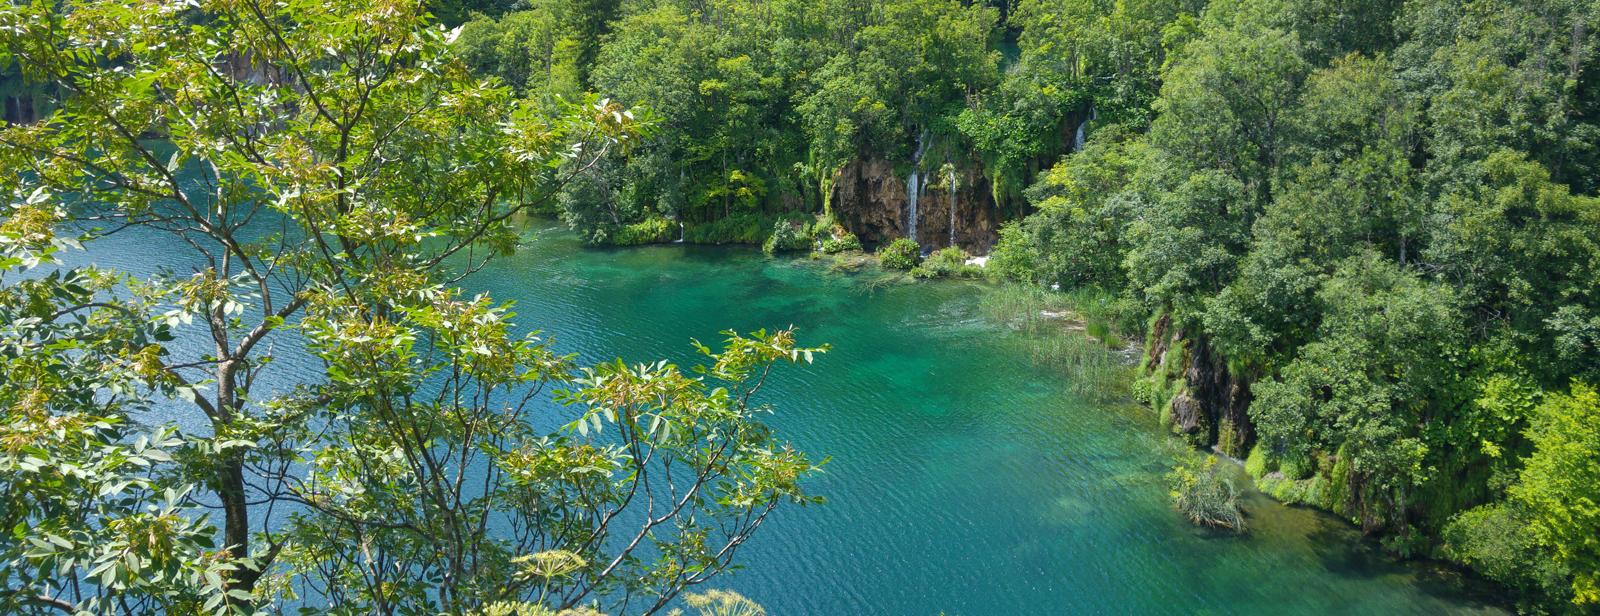 Die Plitvicer Seen - Malerischer Wasserpark mit Froschgebrüll